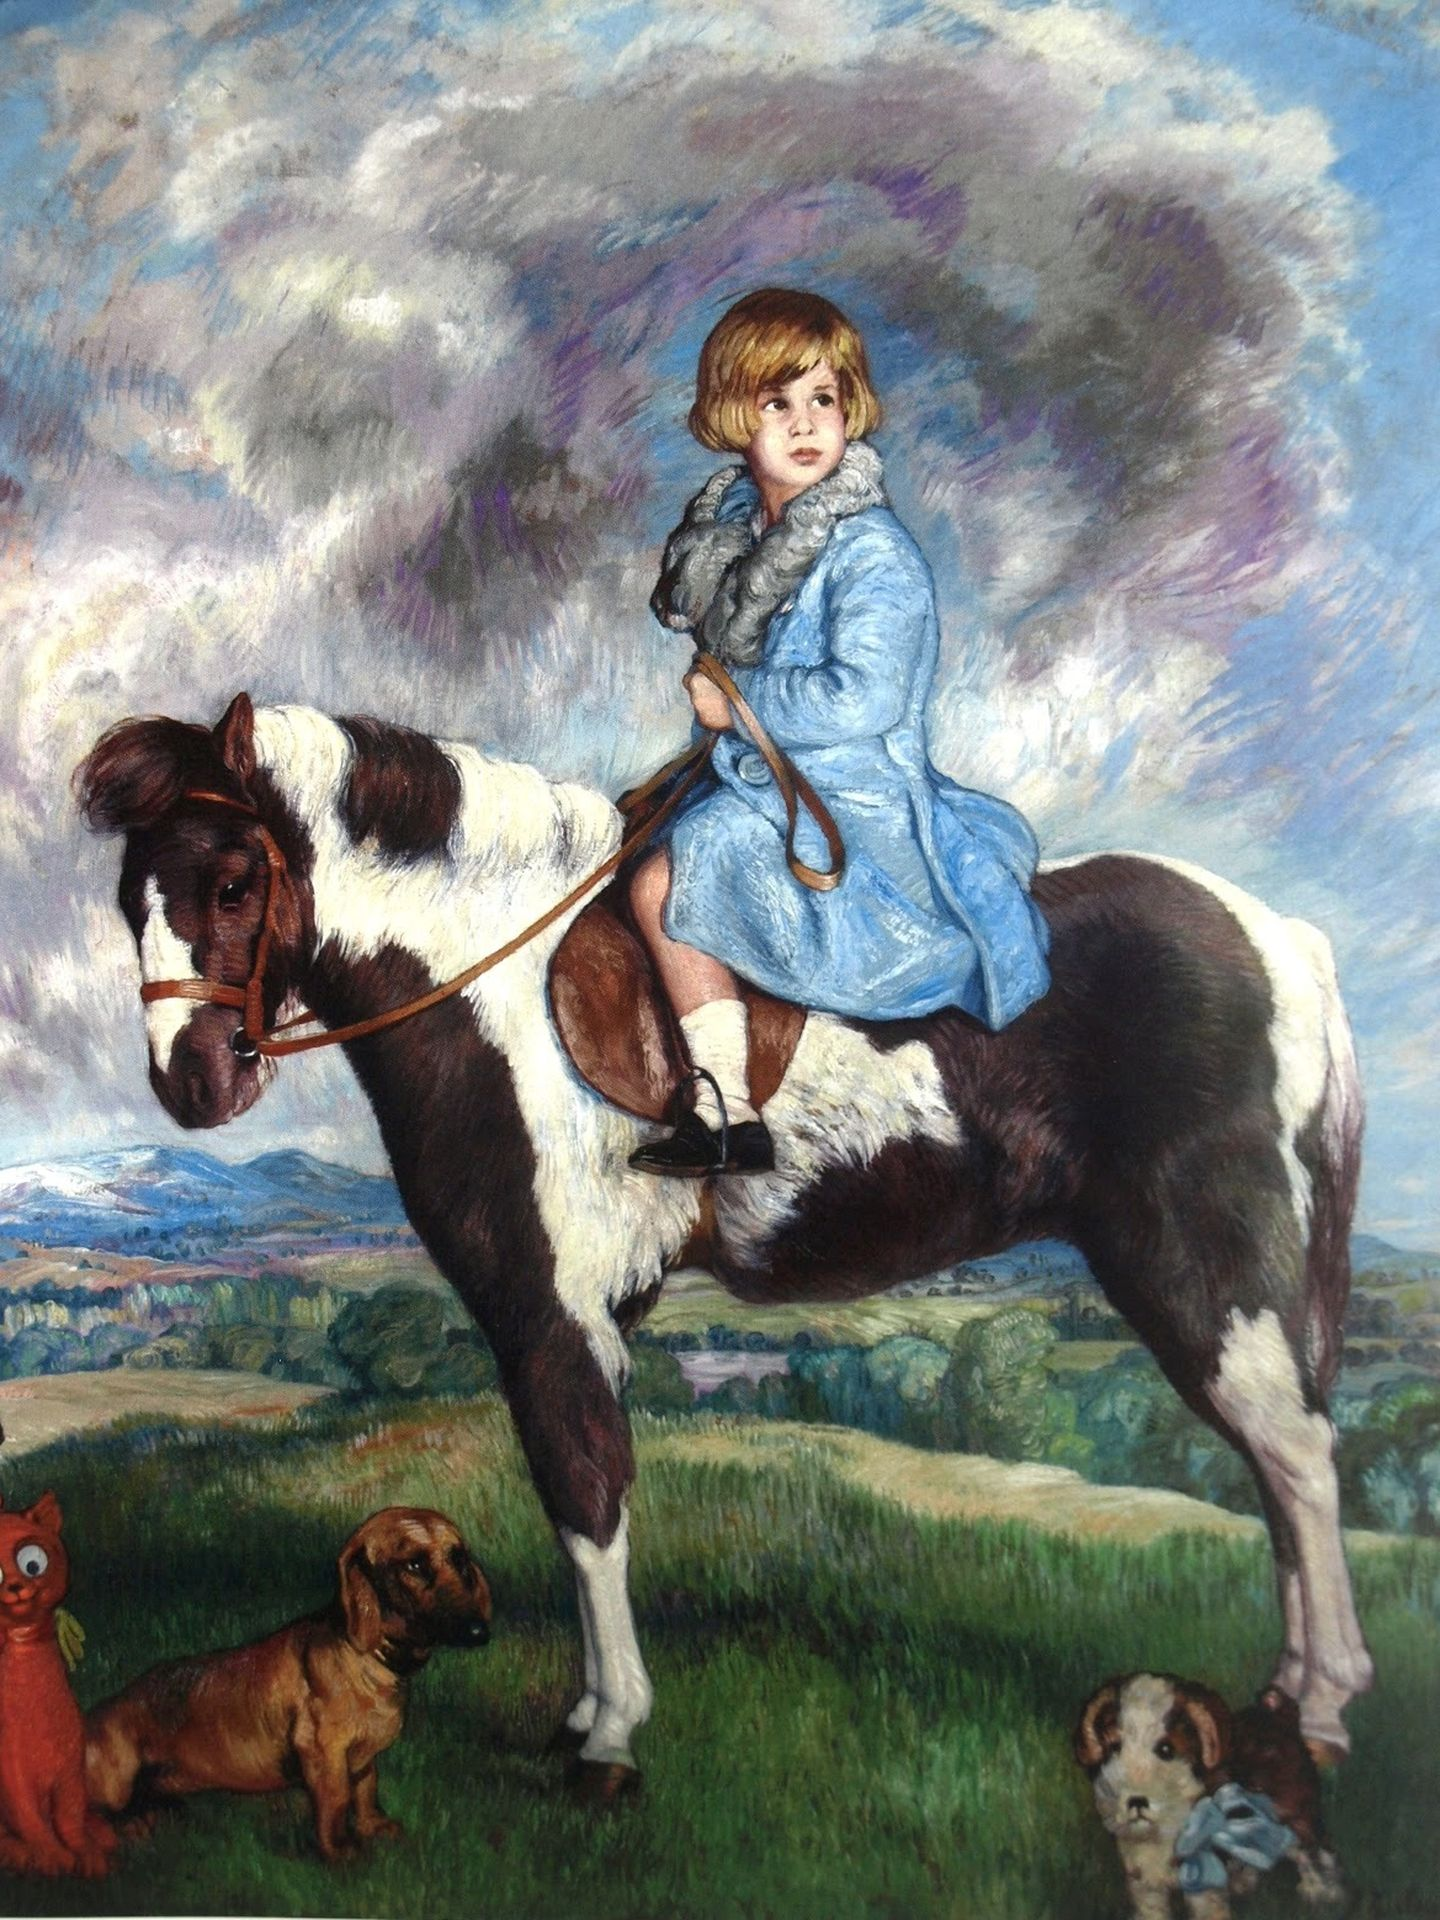 Retratada con 4 años montada en su pony preferido